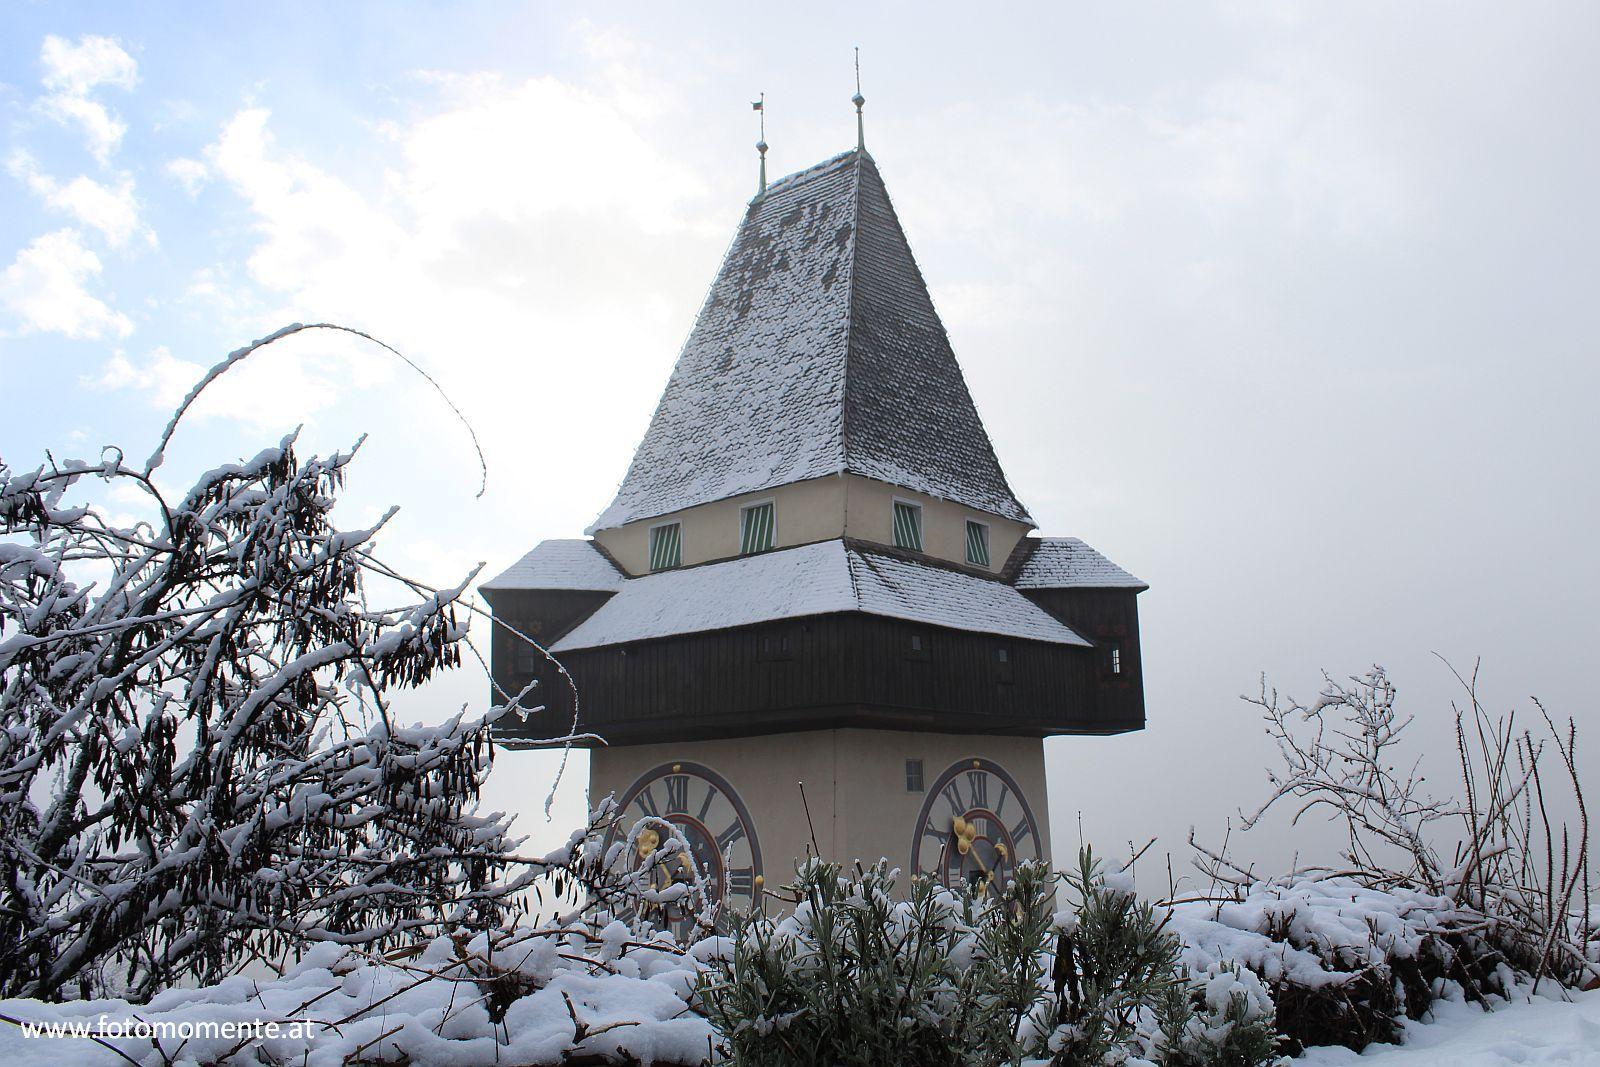 uhrturm graz winter schnee - Uhrturm am Grazer Schloßberg im Winter